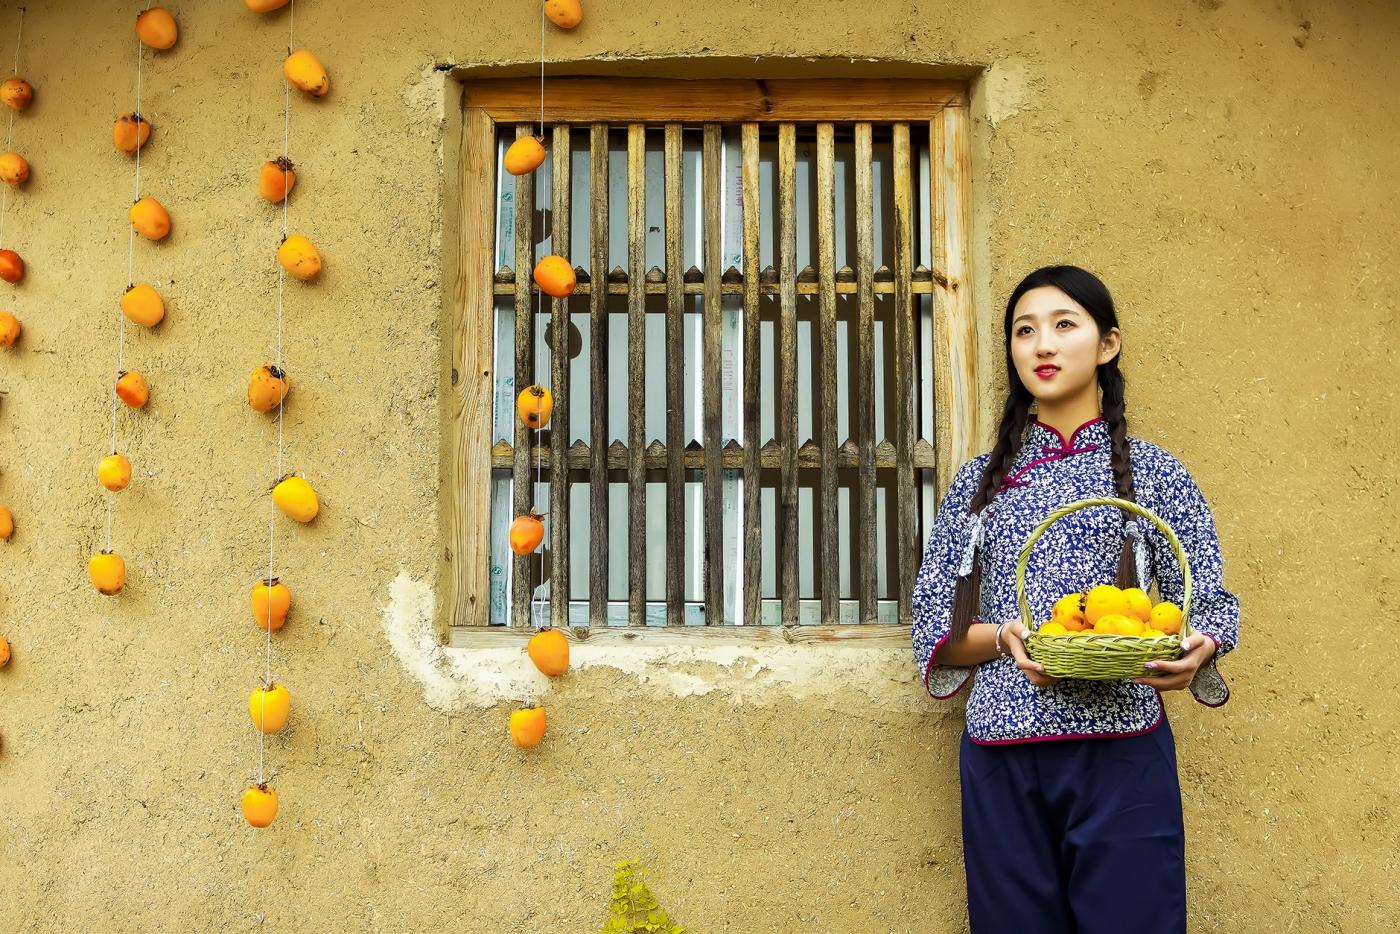 煎饼mm刘晓旭来到蒙山人家柿子节客串柿子西施_图1-19